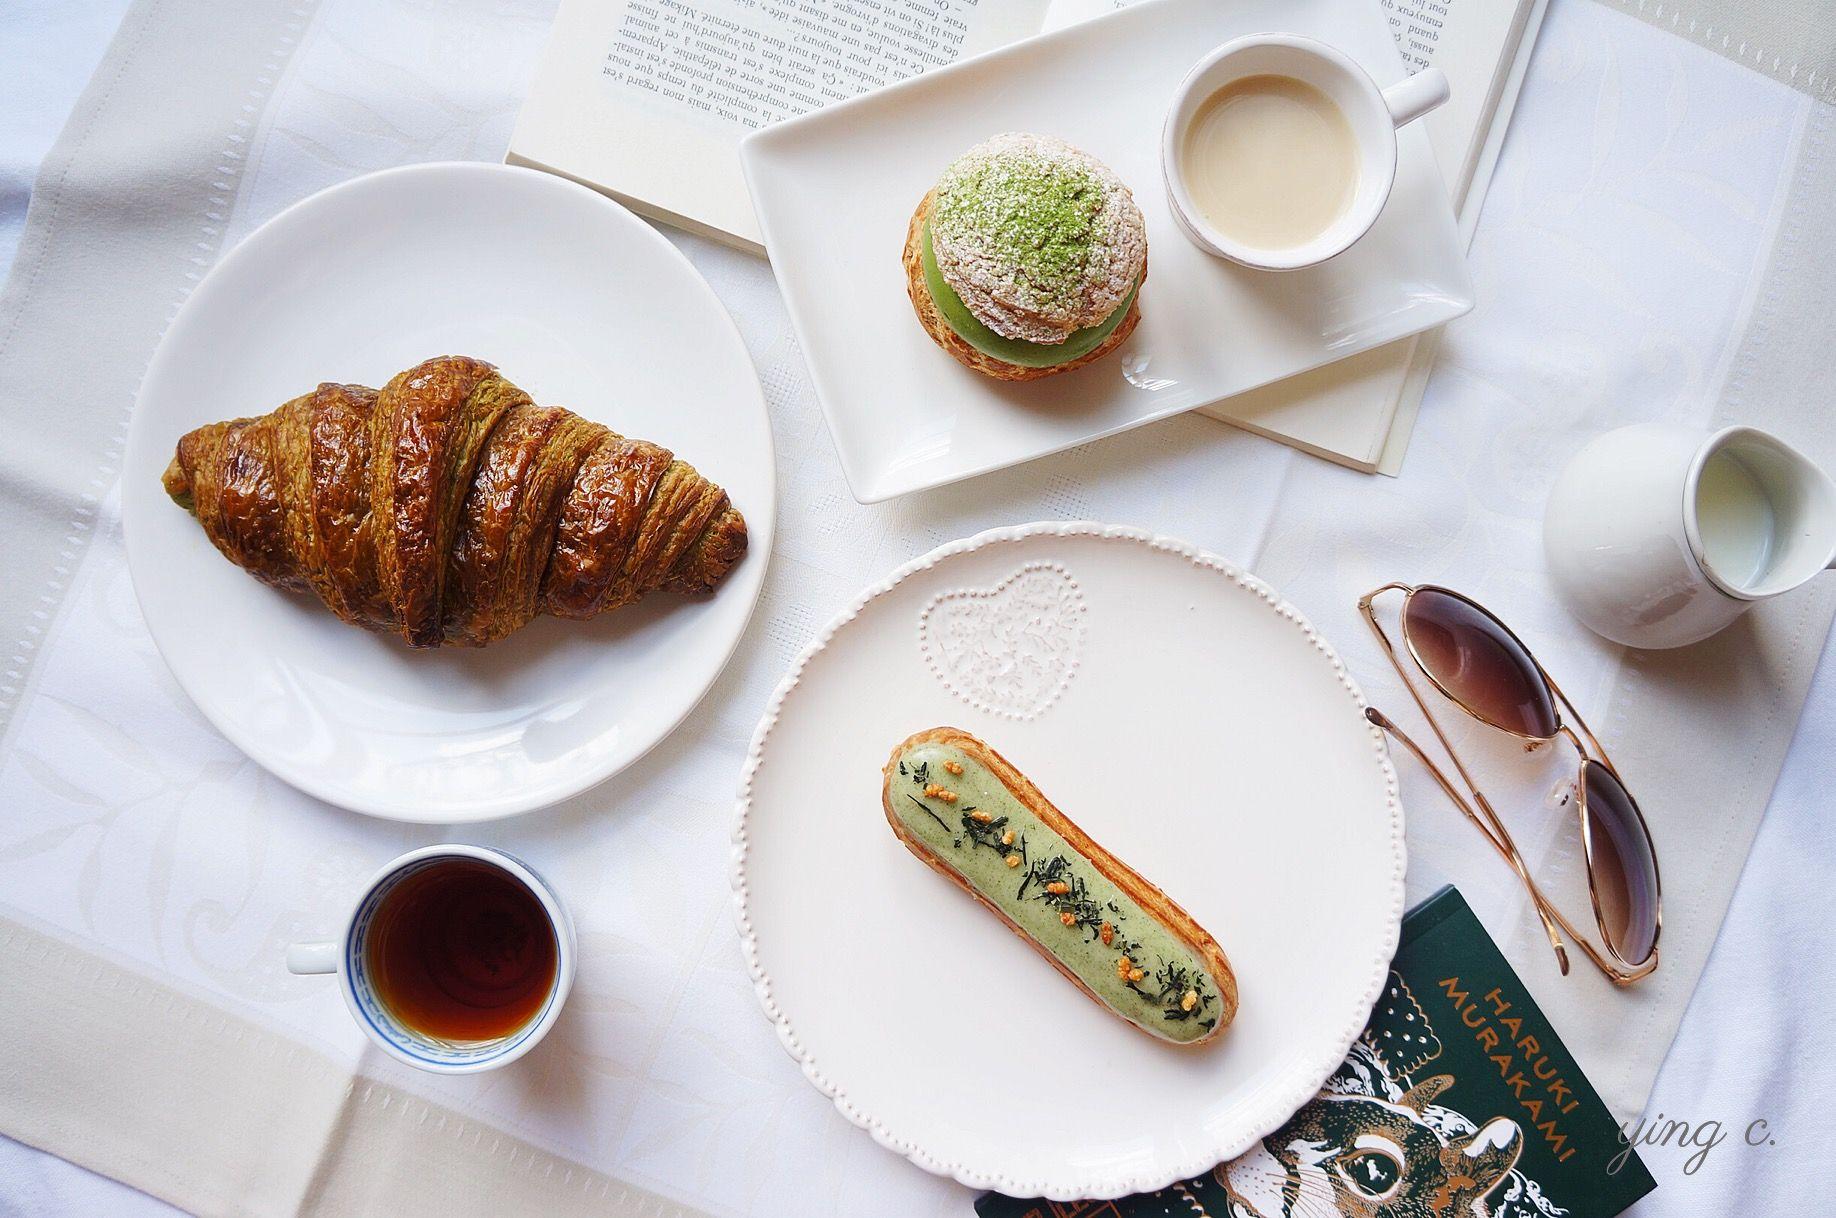 青木定治(Sadaharu AOKI) 是最早在巴黎發跡的亞洲甜點主廚,他將抹茶、玄米茶、柚子等日式甜點元素帶入法式甜點領域。圖中出現的是抹茶可頌、抹茶泡芙、玄米茶閃電泡芙。